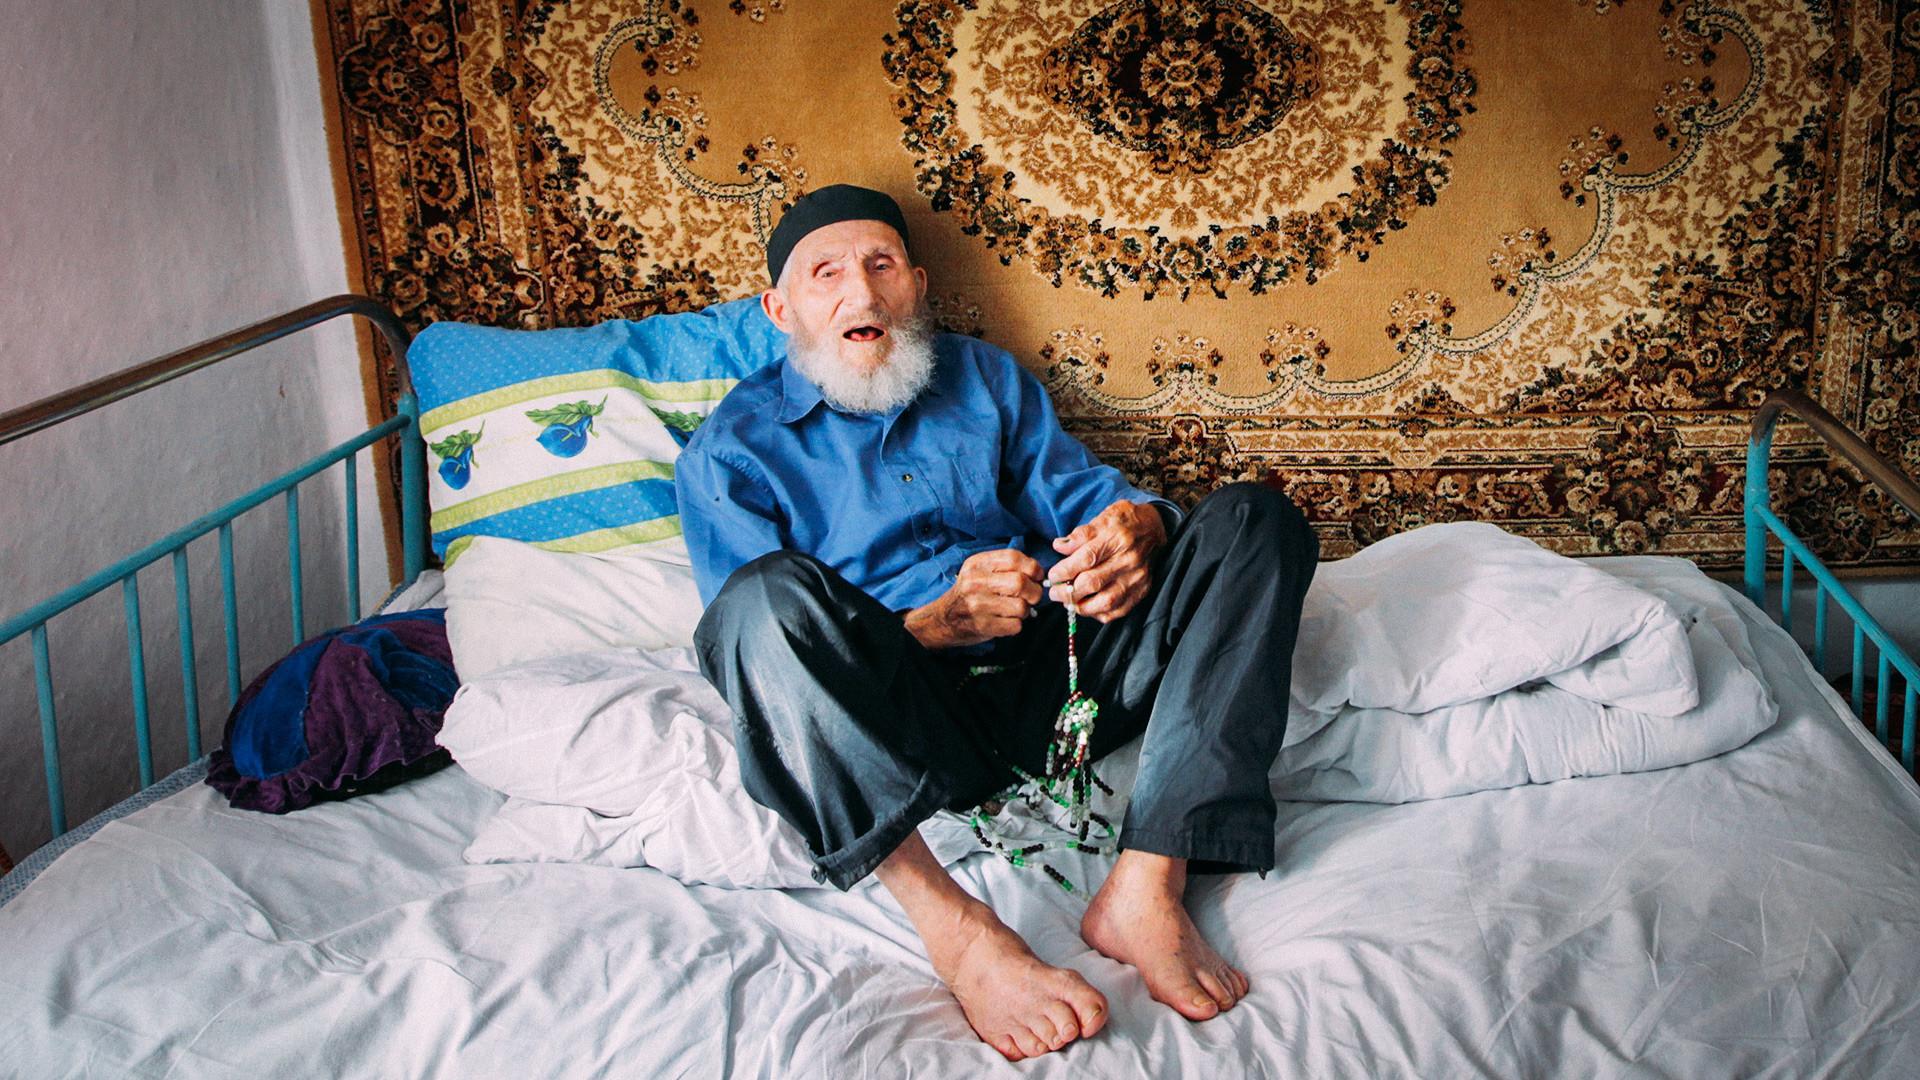 Russian centenarian Magomed Labazanov